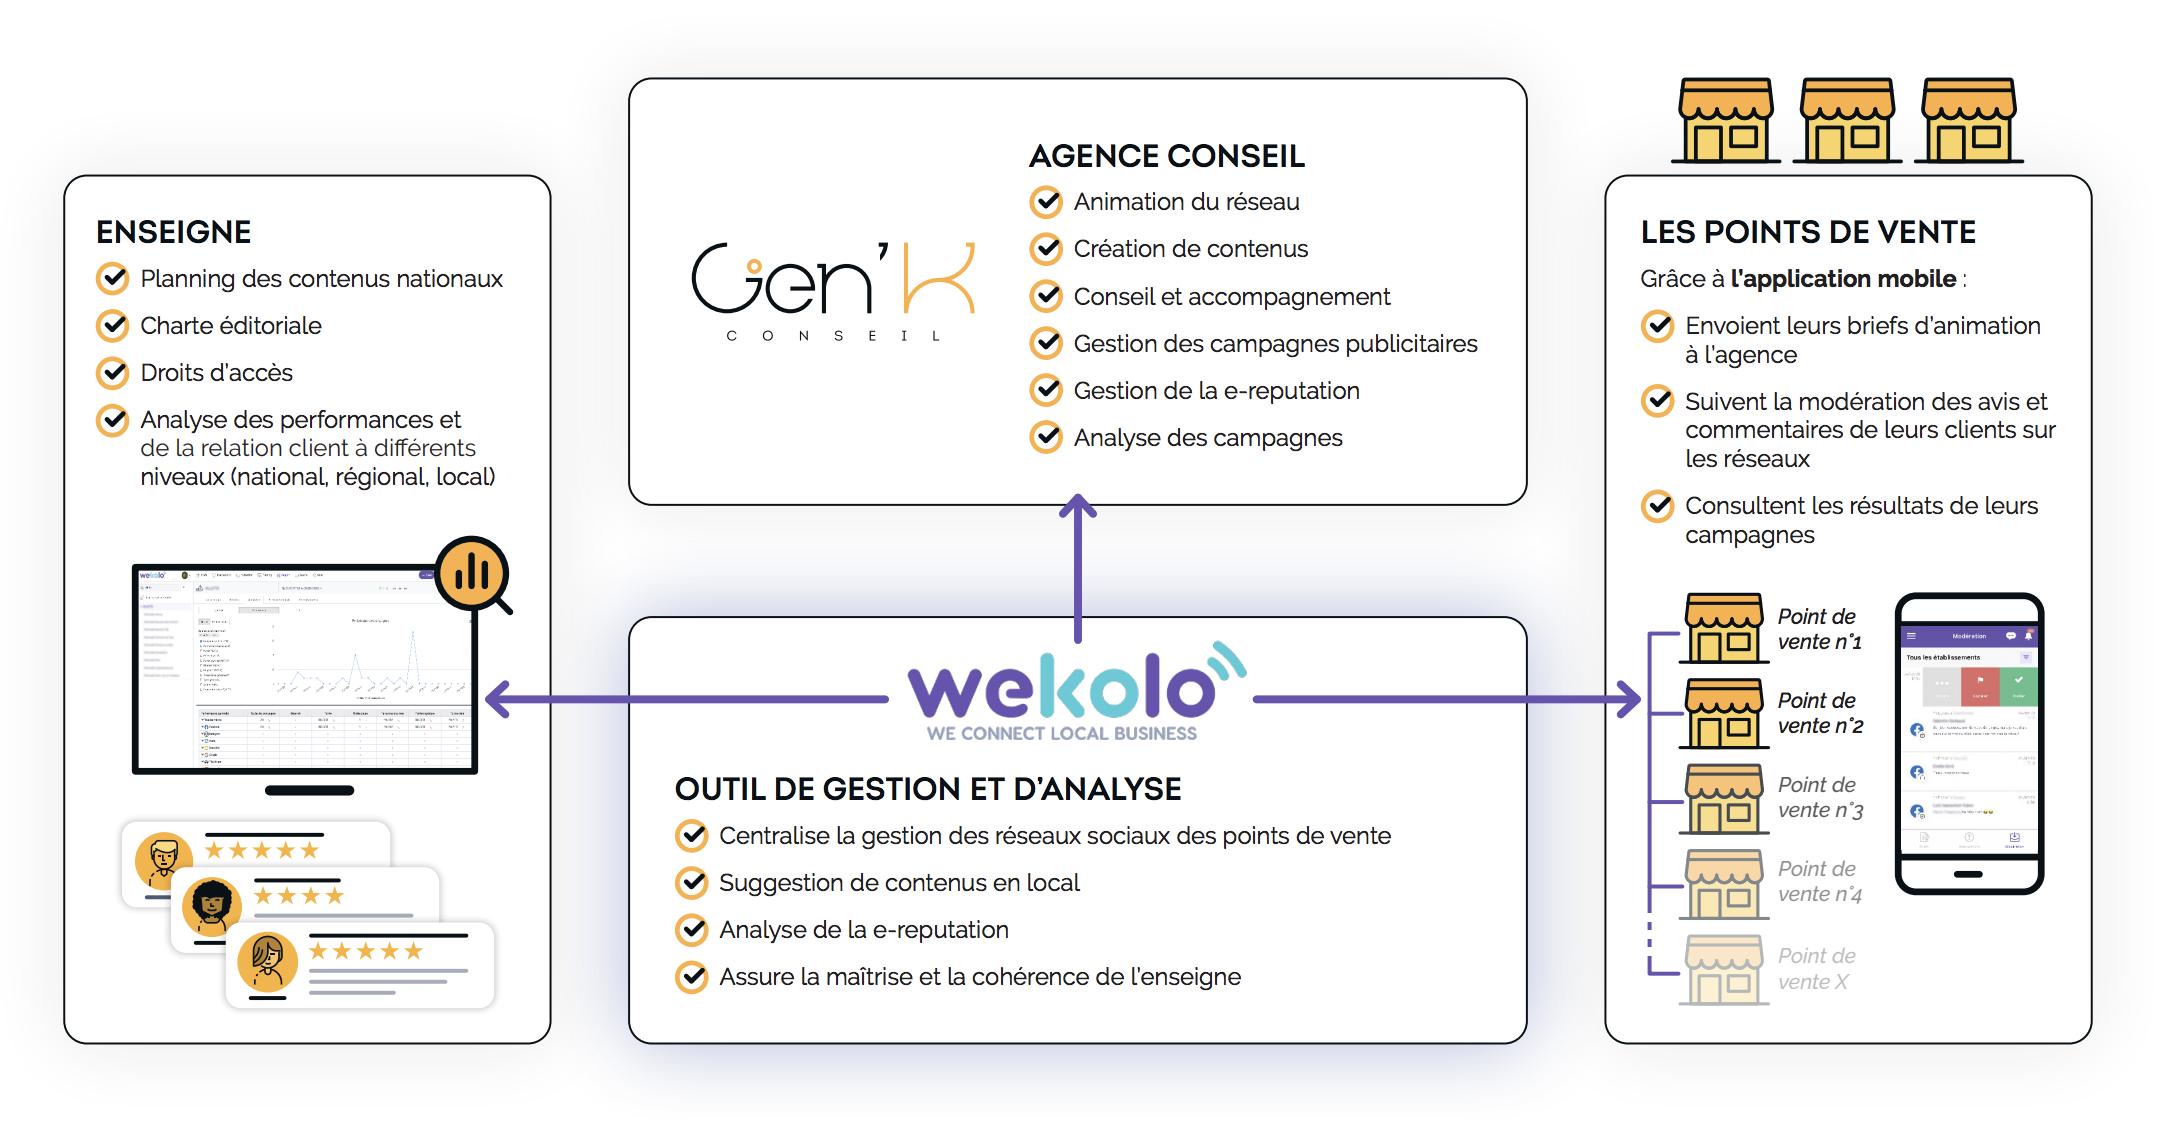 Ecosystème du groupe Gen'K Conseil - Wekolo